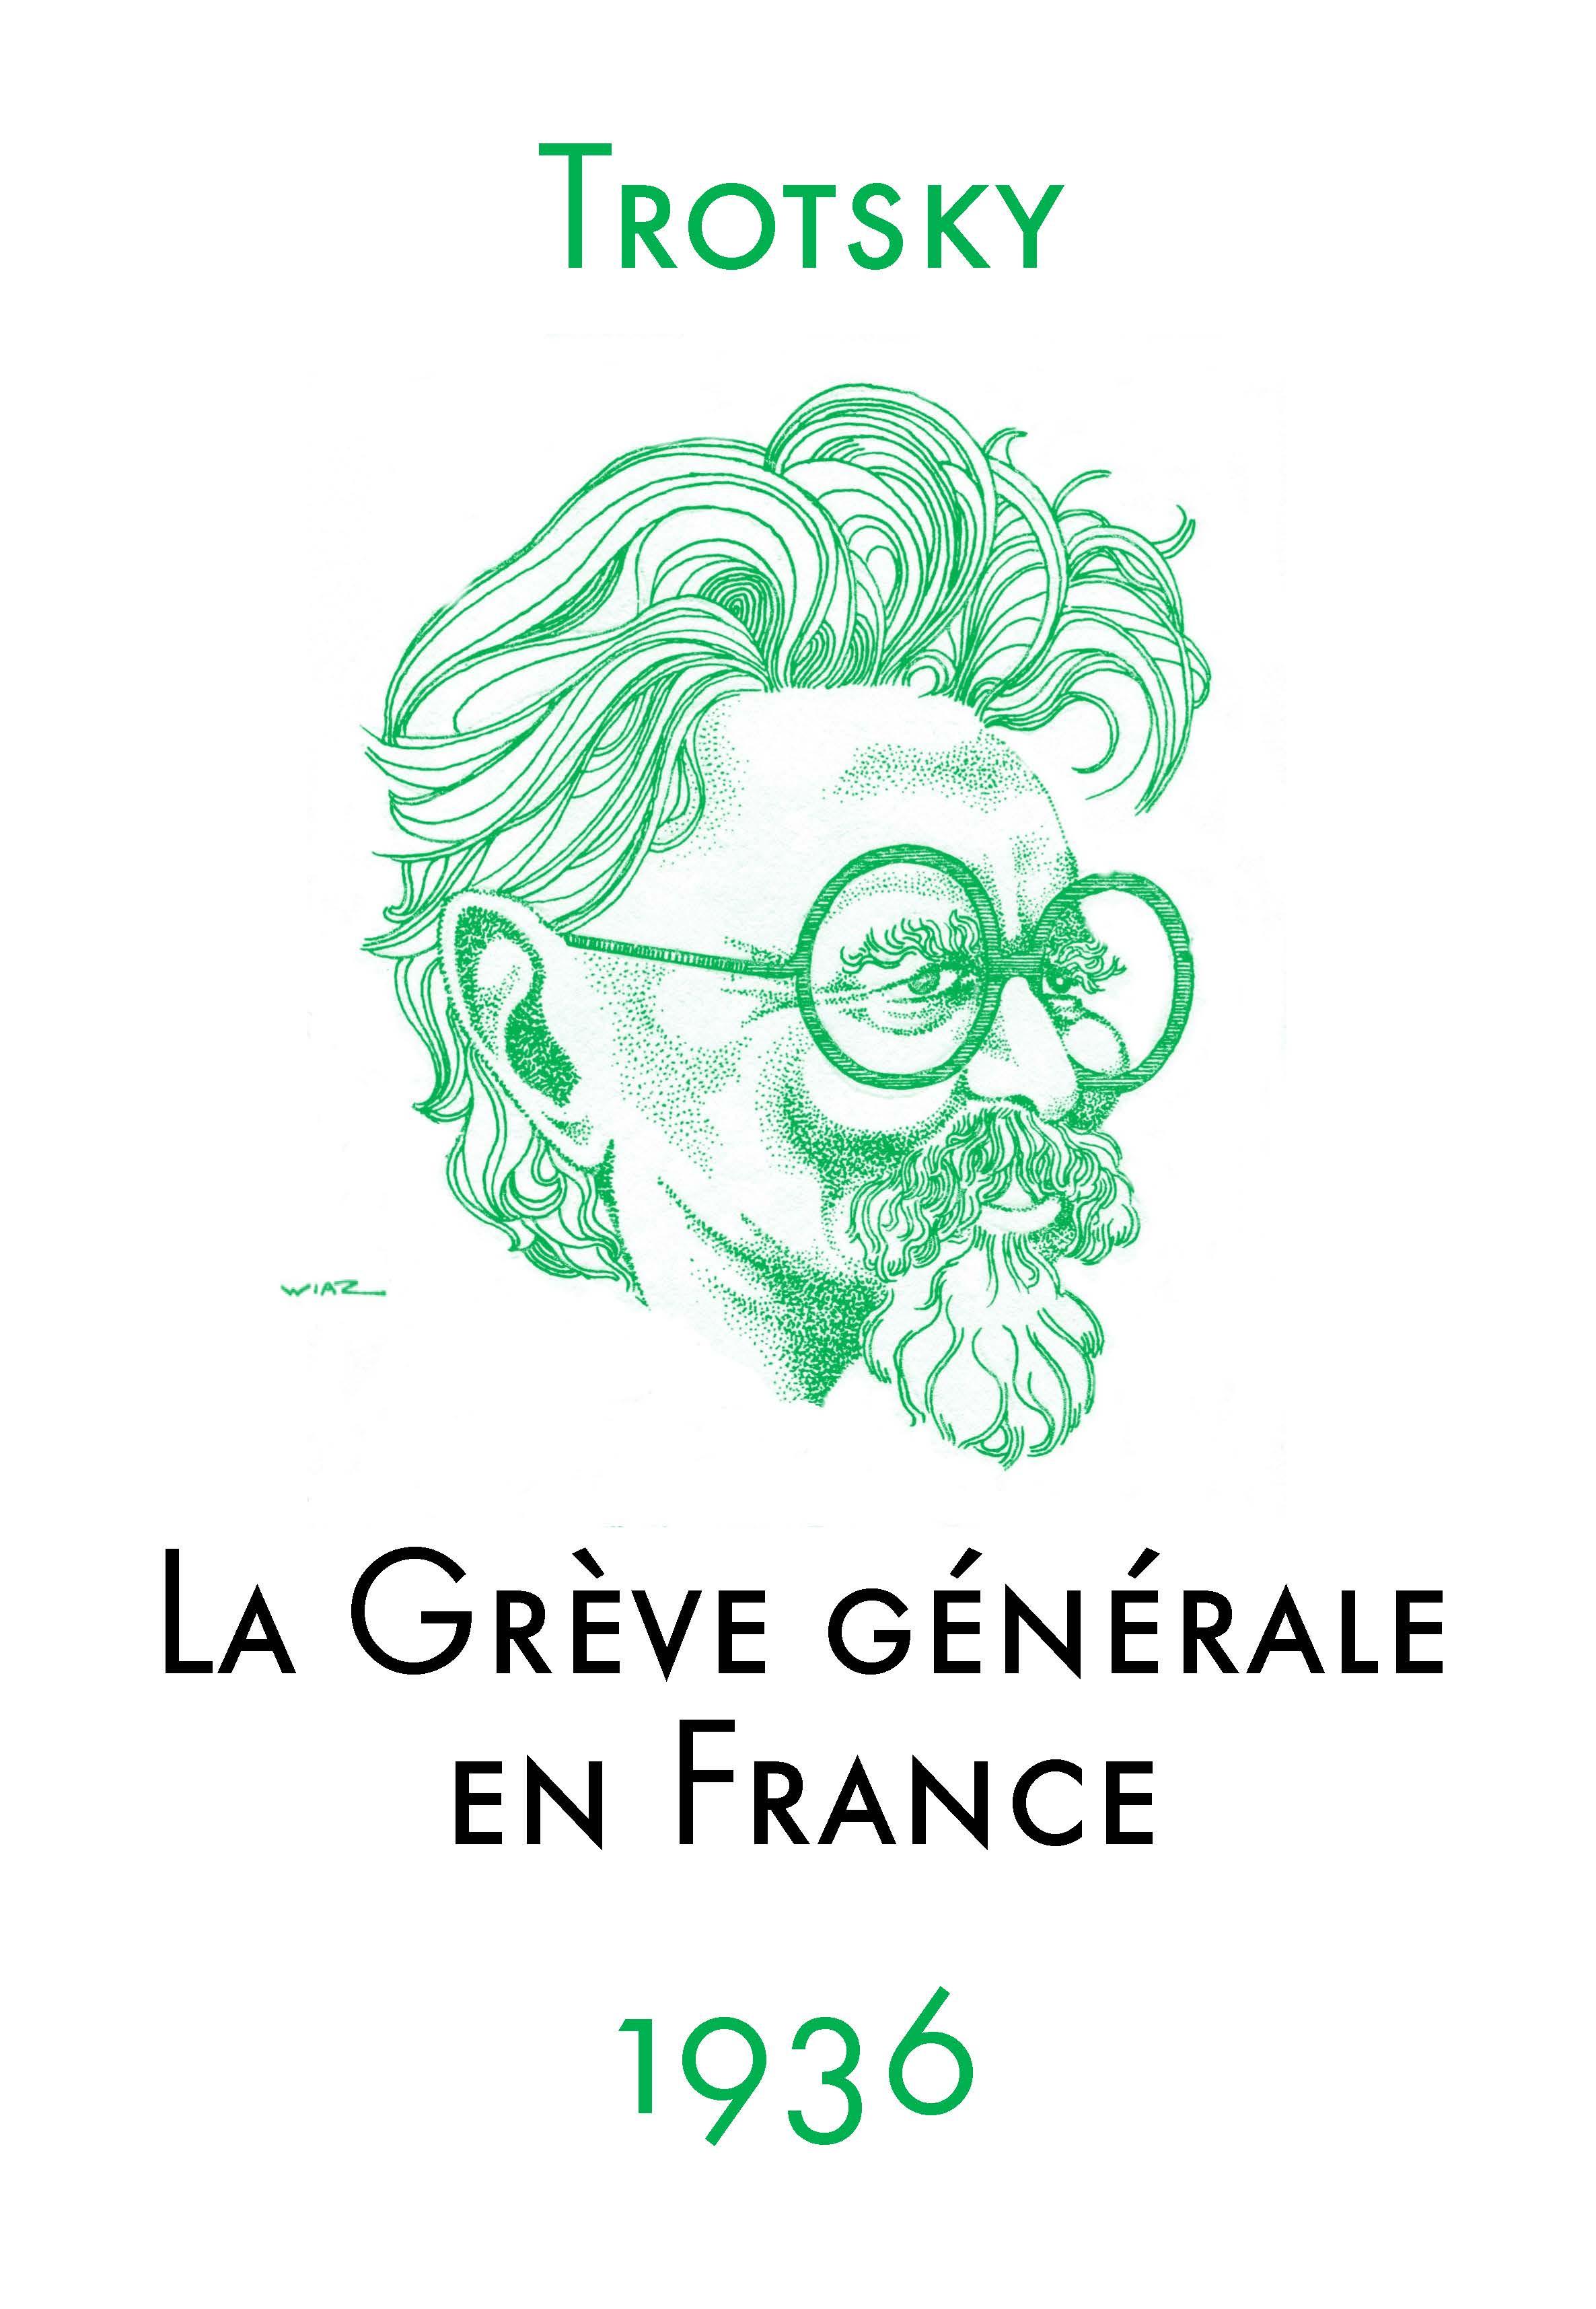 Trotsky : La grève générale en France, compilation 1936